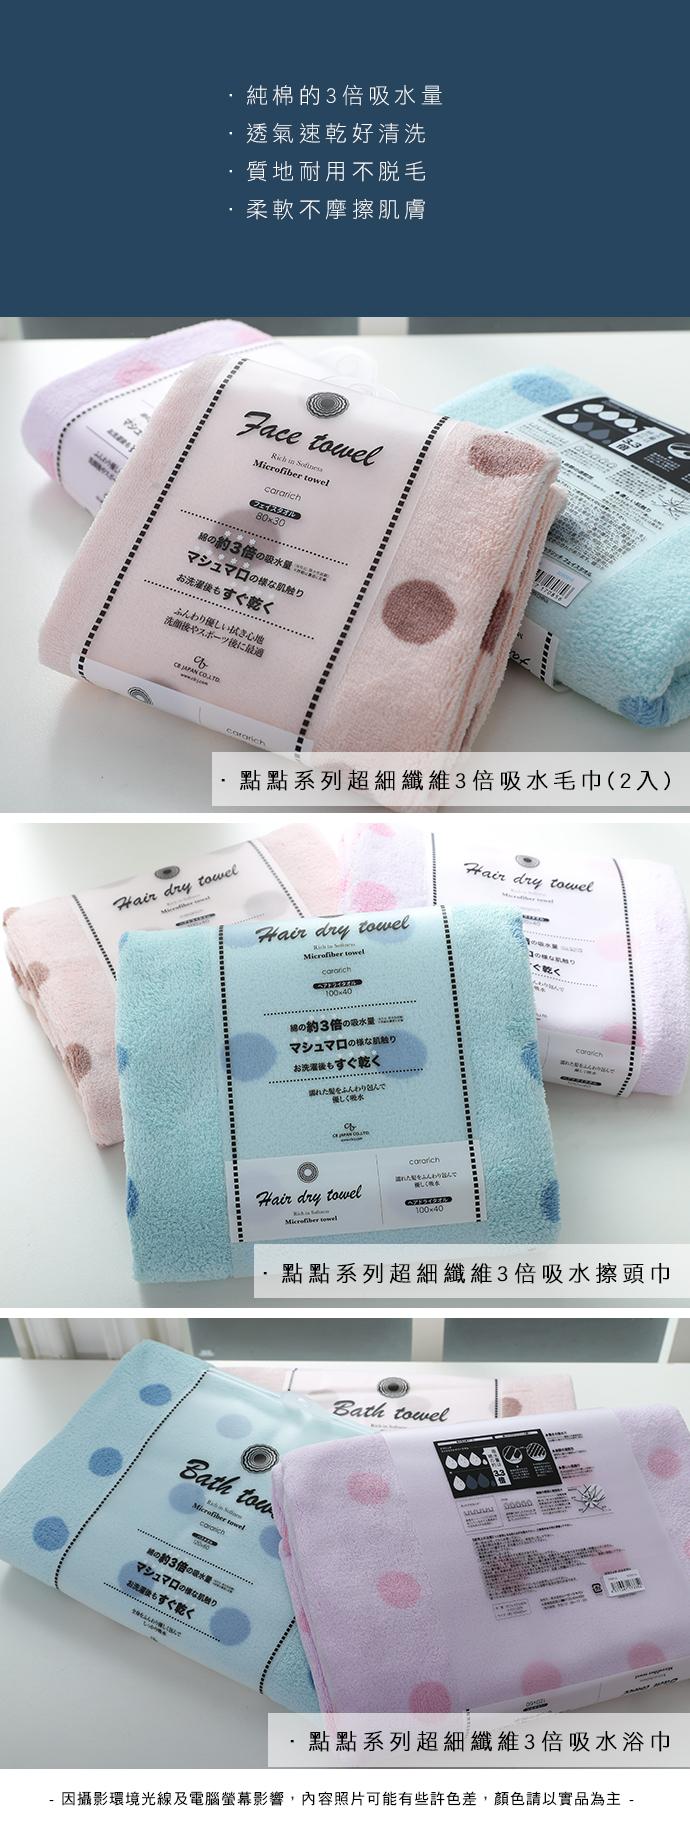 CB Japan|點點系列超細纖維3倍吸水浴巾 - 點點紫